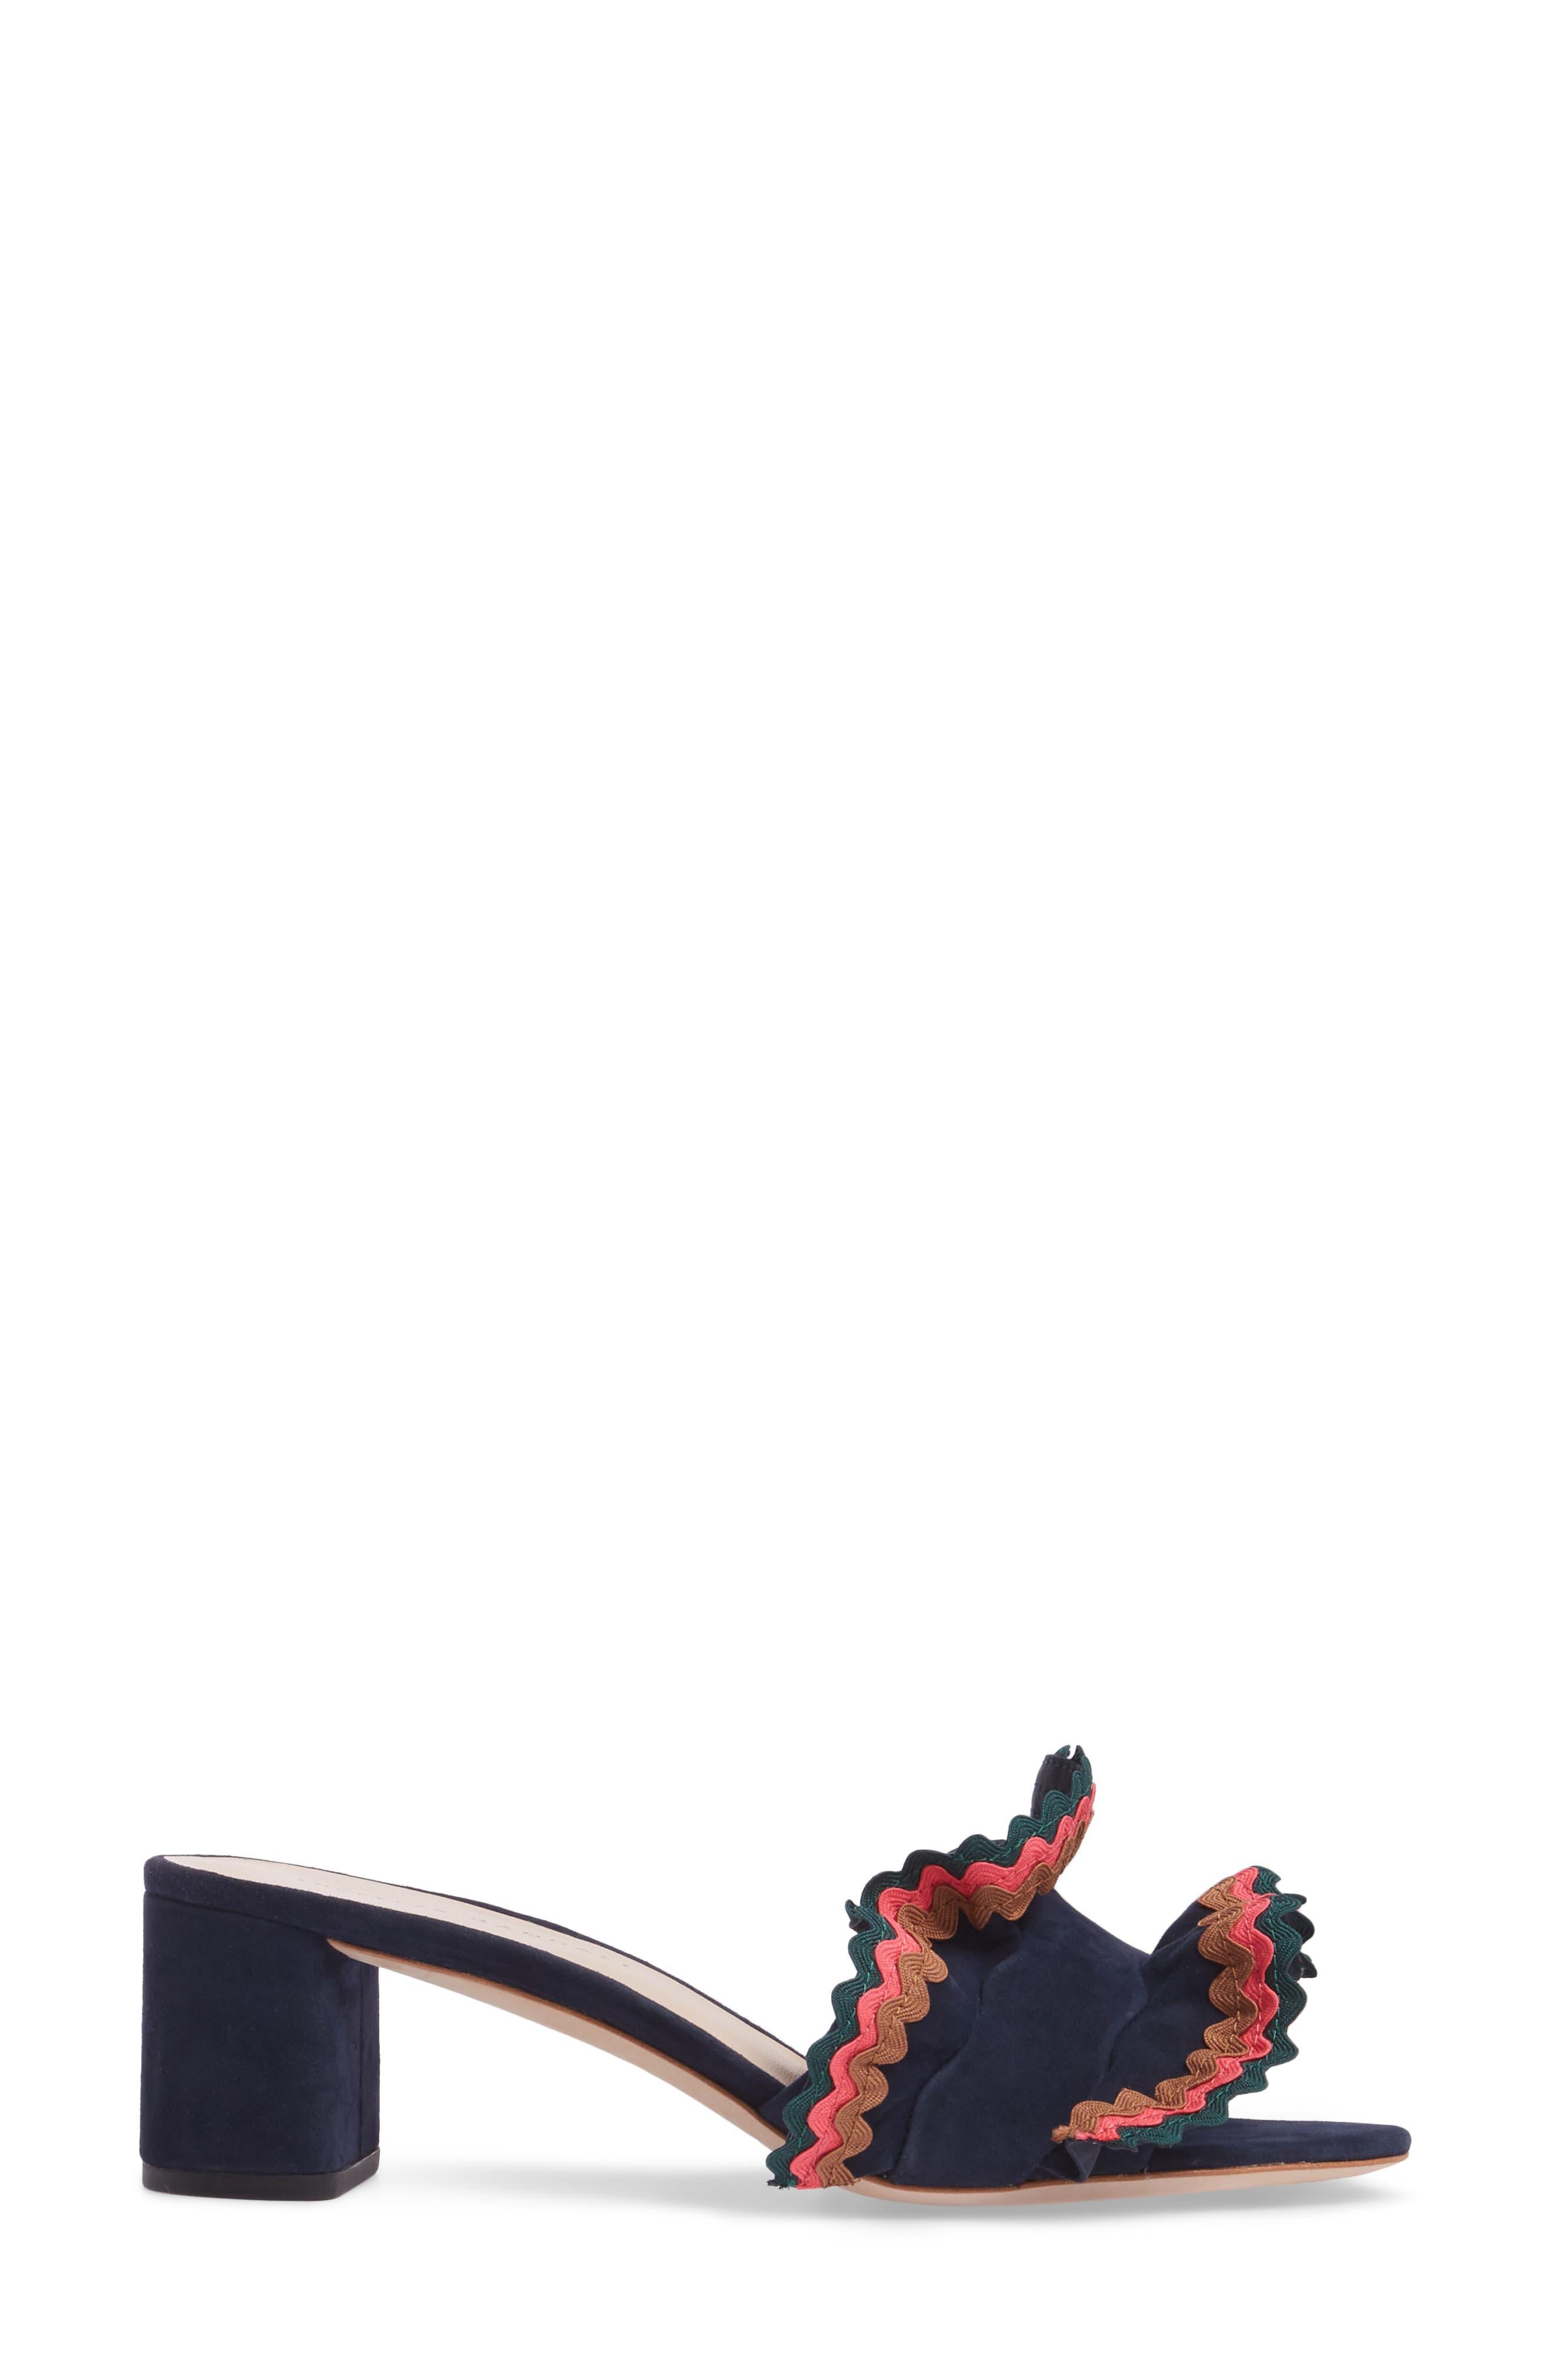 Vera Ruffled Slide Sandal,                             Alternate thumbnail 3, color,                             499